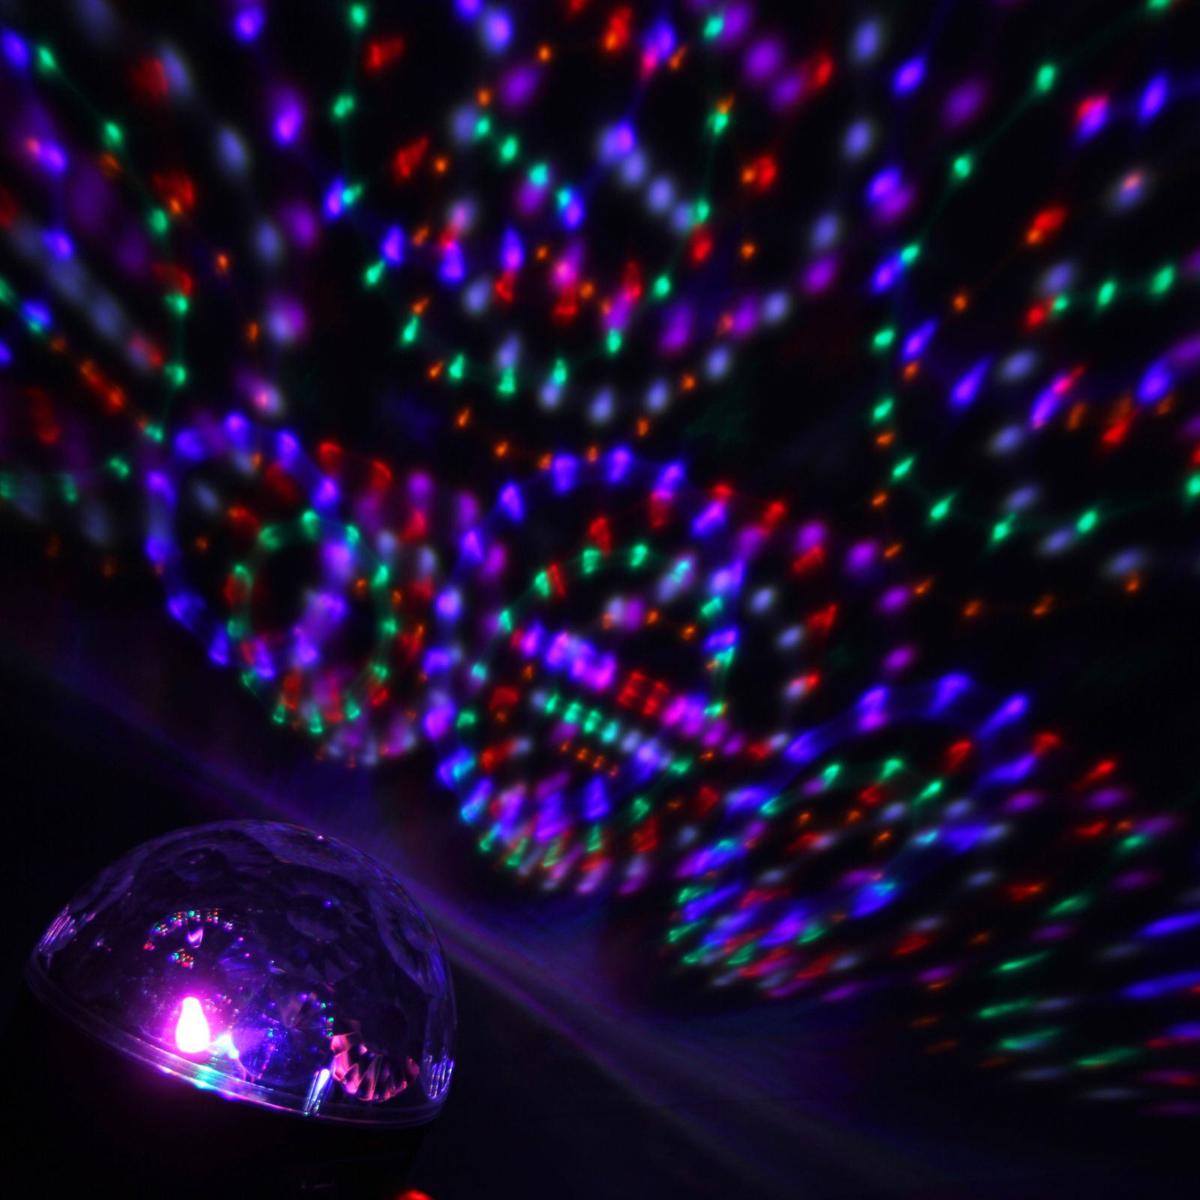 Световой прибор Luazon Радужный шар, диаметр 17,5 см, с музыкой, Bluetooth, V2201353037Светомузыкальный шар Радужный шар - это отличный вариант для новогоднего оформления интерьера или романтического вечера. Включив проектор вы увидите, как на стенах и потолке вашей комнаты отражаются изумительное по красоте узоры! При помощи проектора вы сможете наслаждаться со своими близкими прекрасной атмосферой прямо у себя в комнате! Максимальный эффект от ночника достигается в условиях полного затемнения.